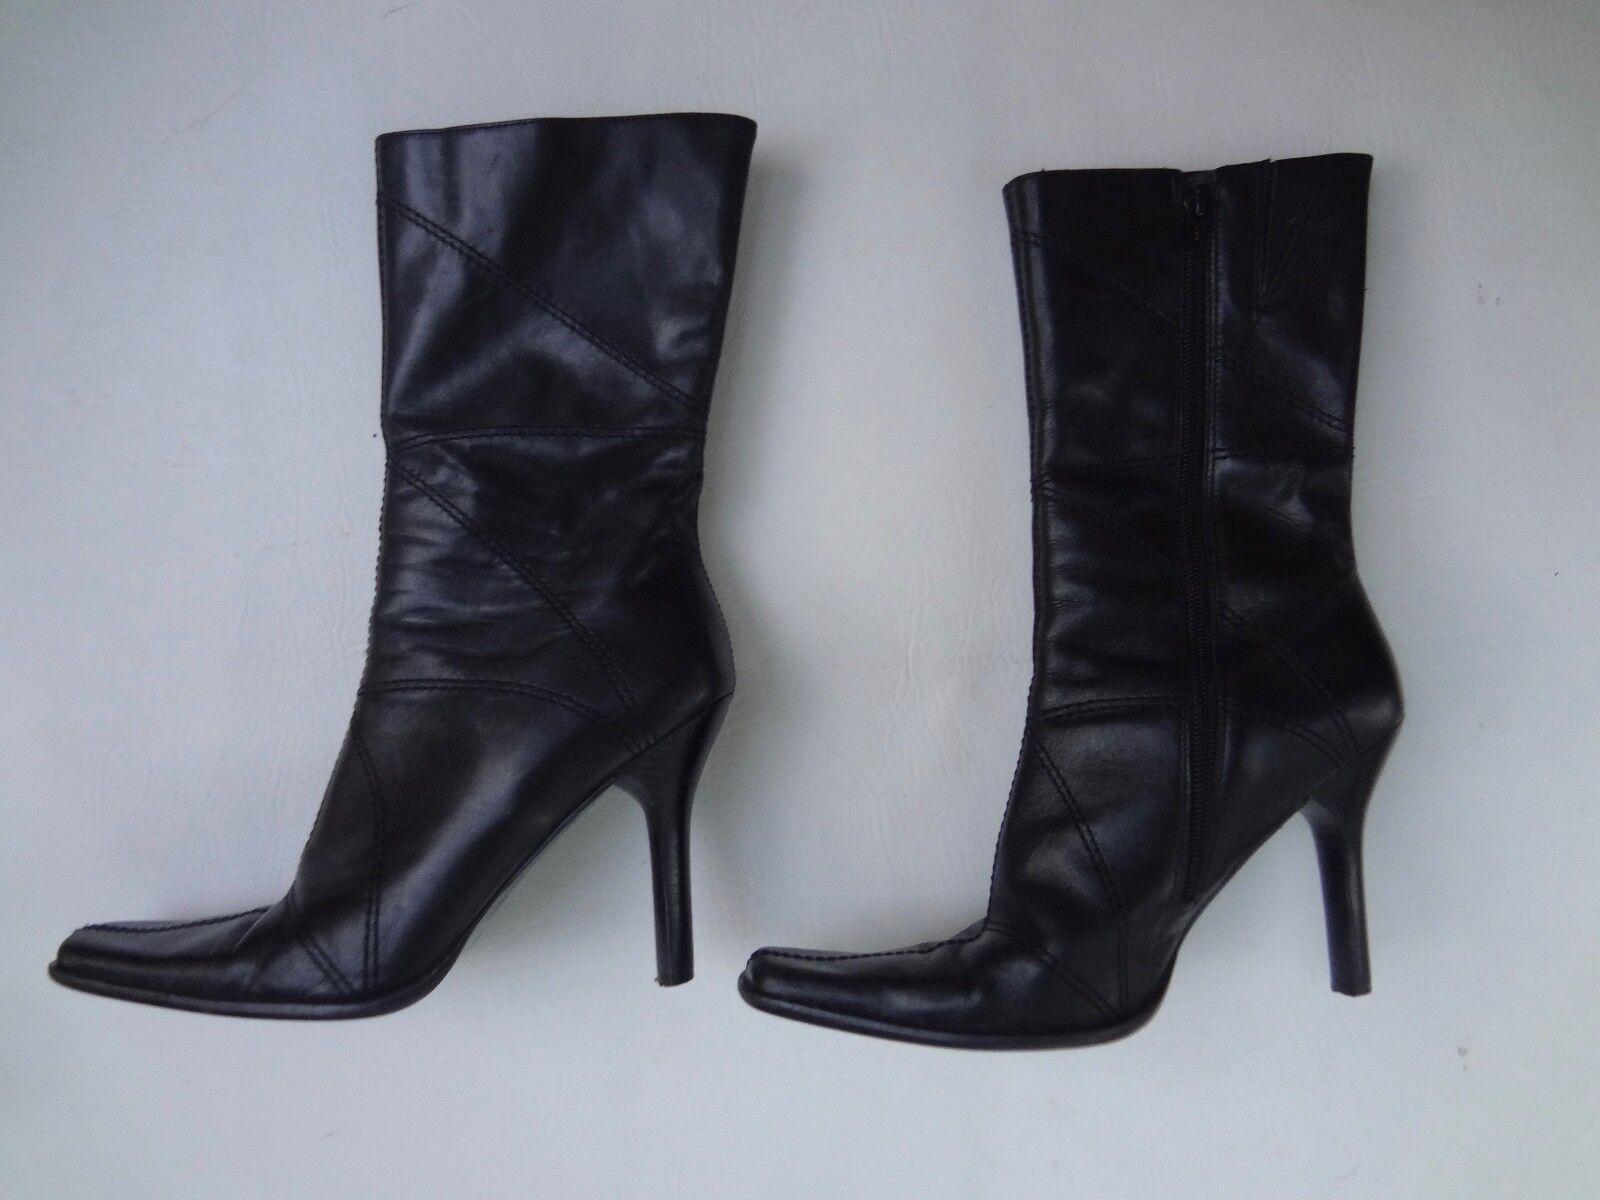 Femme Taille 8 1 2, talon cubain, Hauteur Mi-Mollet noir, bottes en cuir par Diba